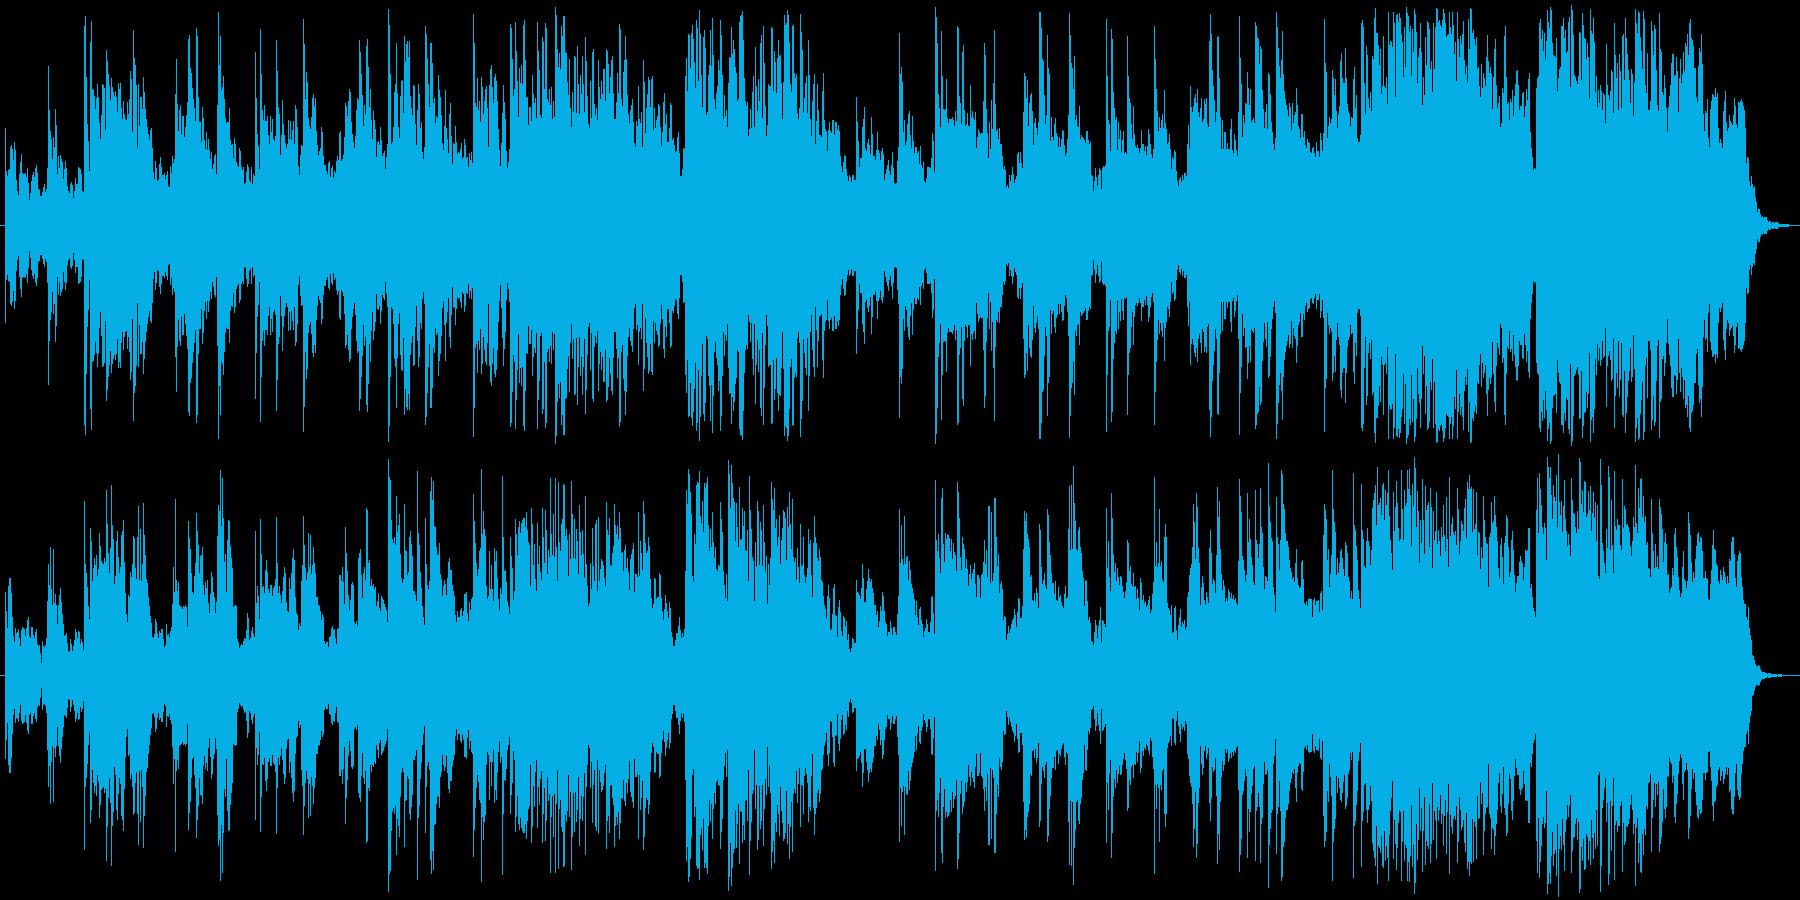 控えめで穏やかな喜びのピアノメロディの再生済みの波形